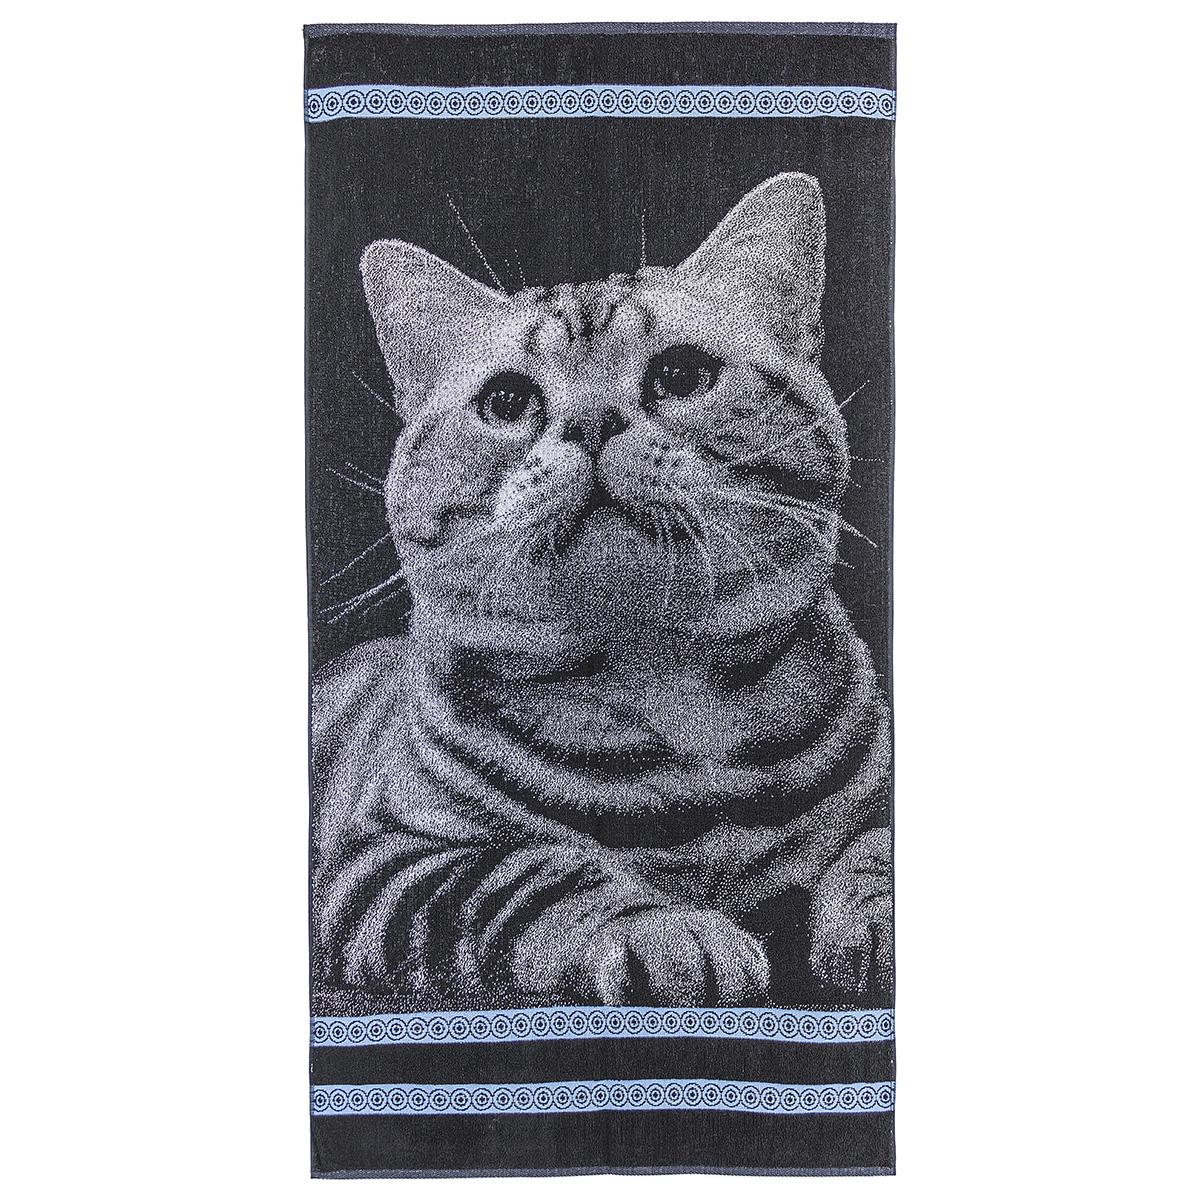 Полотенце Котик, размер 70х140 см.Махровые полотенца<br>Плотность ткани:420 г/кв. м<br><br>Тип: Полотенце<br>Размер: 70х140<br>Материал: Махра